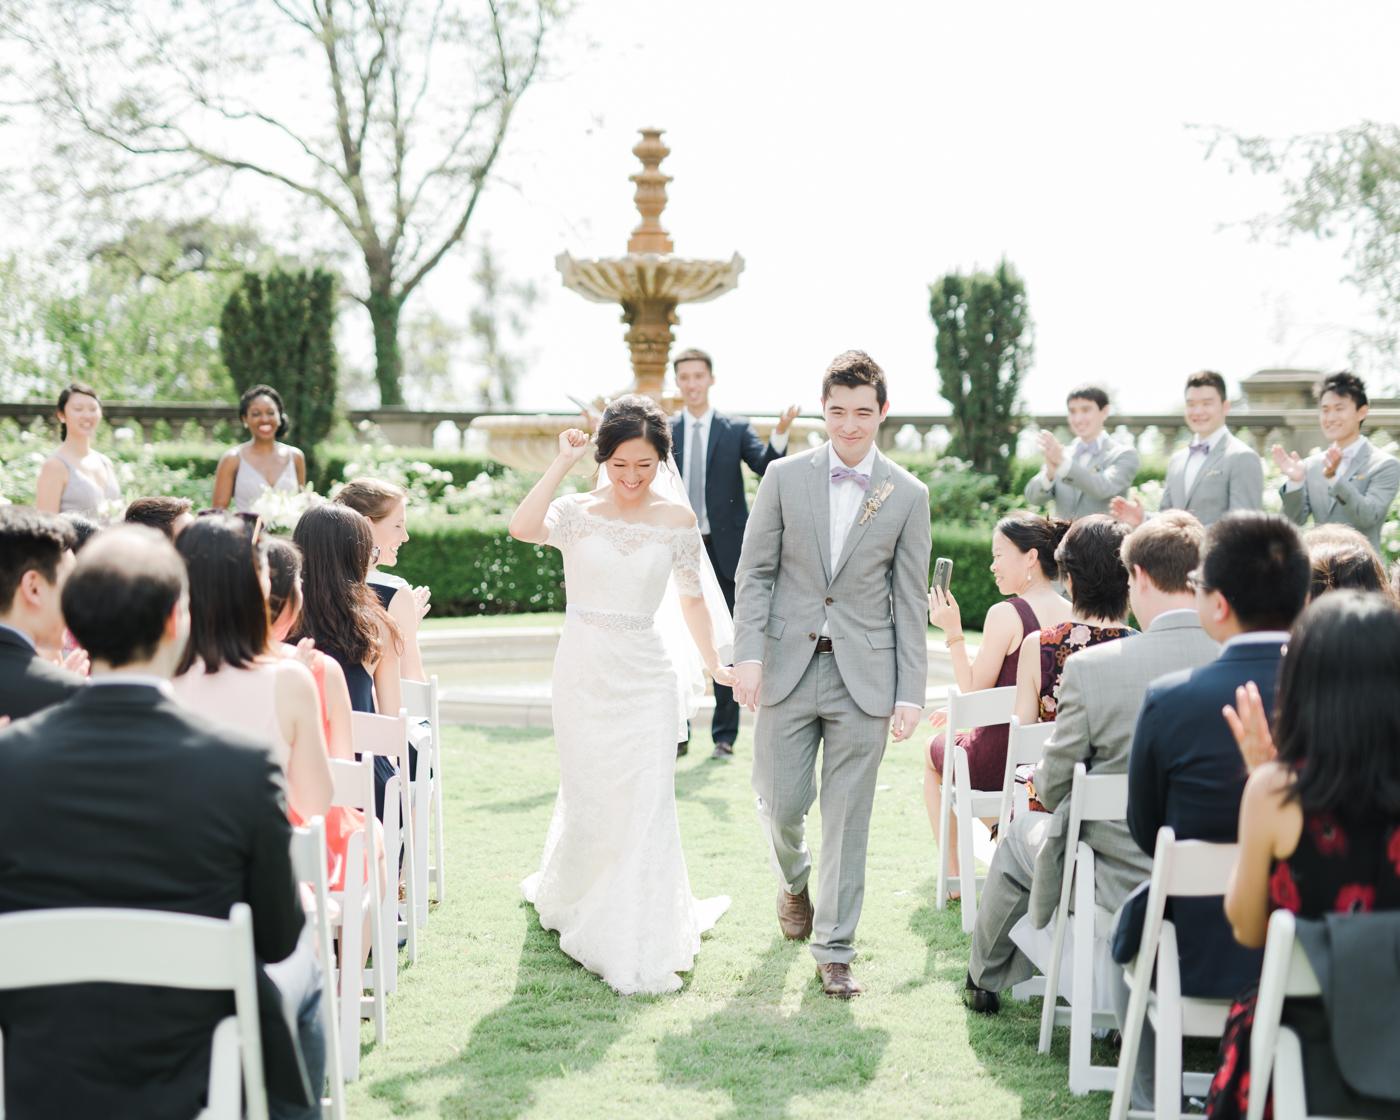 Greystone_Mansion_Wedding_Fine_Art_Film_Wedding_Photography_AKP-29.jpg